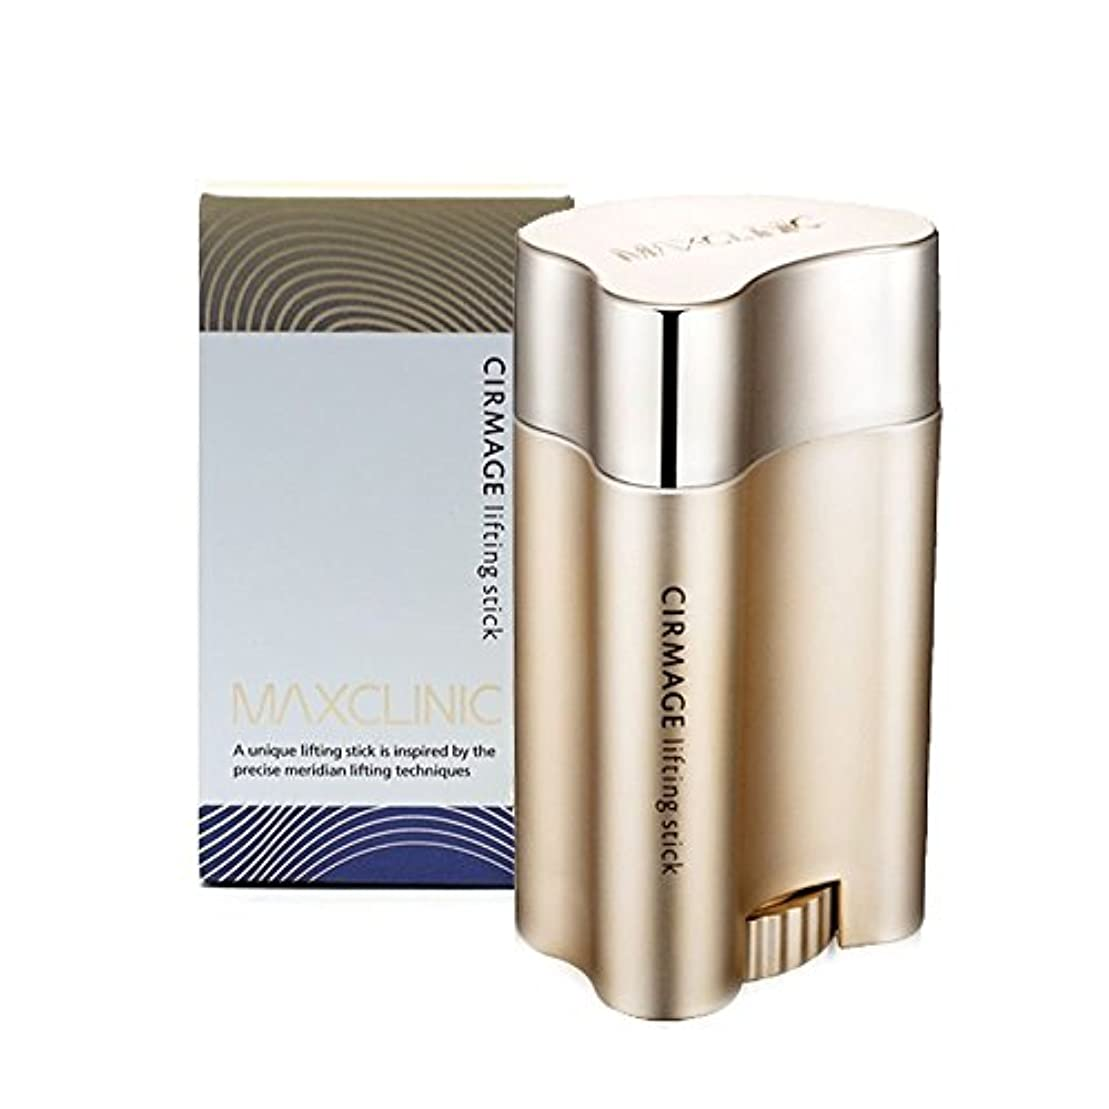 木材満足できる日没MAXCLINIC マックスクリニック サーメージ リフティング スティック 23g(Cirmage Lifting Stick 23g)/Direct from Korea/w free Gift Sample [並行輸入品]